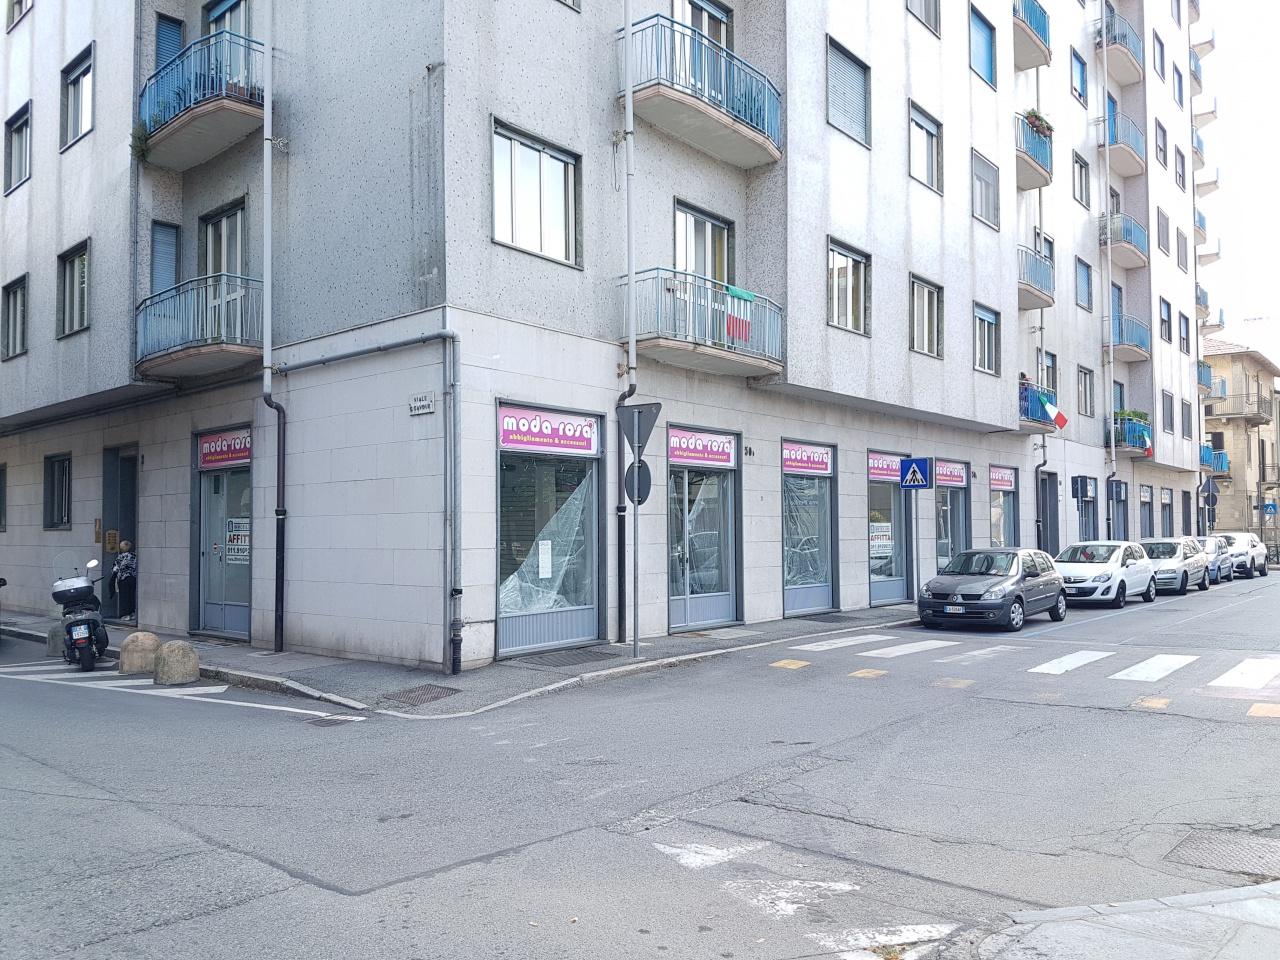 Negozio / Locale in affitto a Chivasso, 1 locali, prezzo € 2.500 | CambioCasa.it